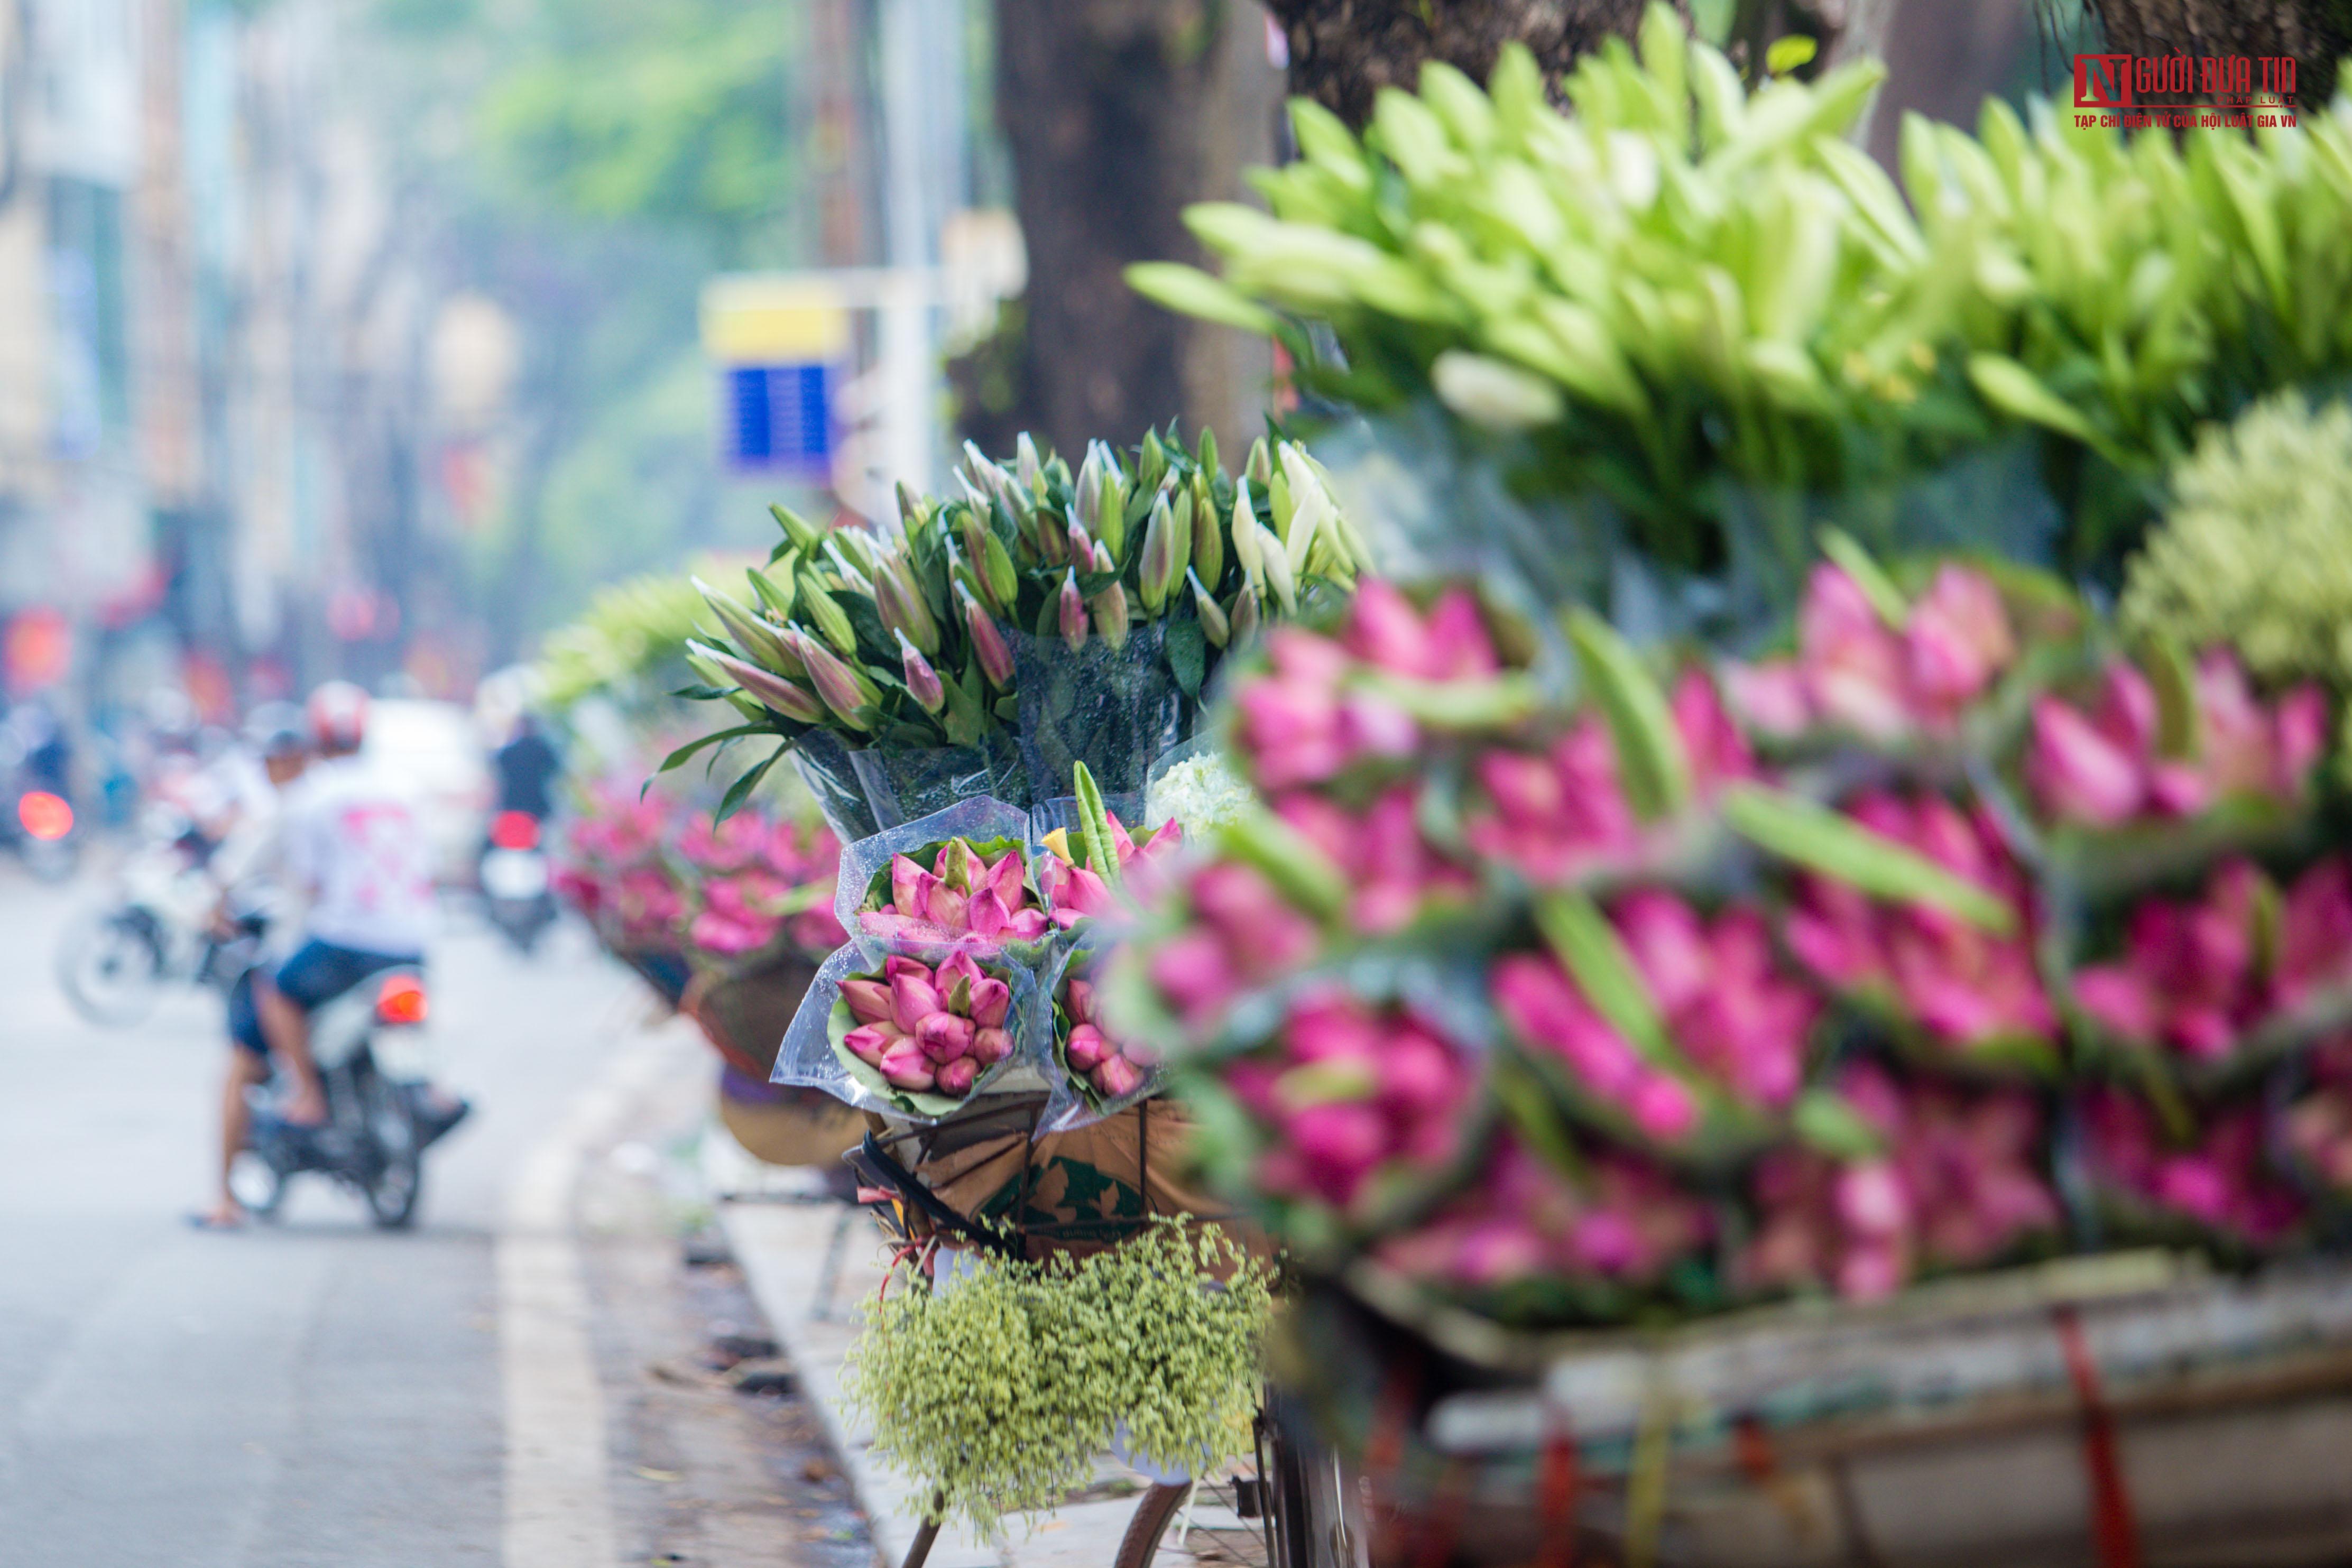 Hoa sen đầu mùa rong ruổi khắp phố phường Hà Nội Ảnh 4